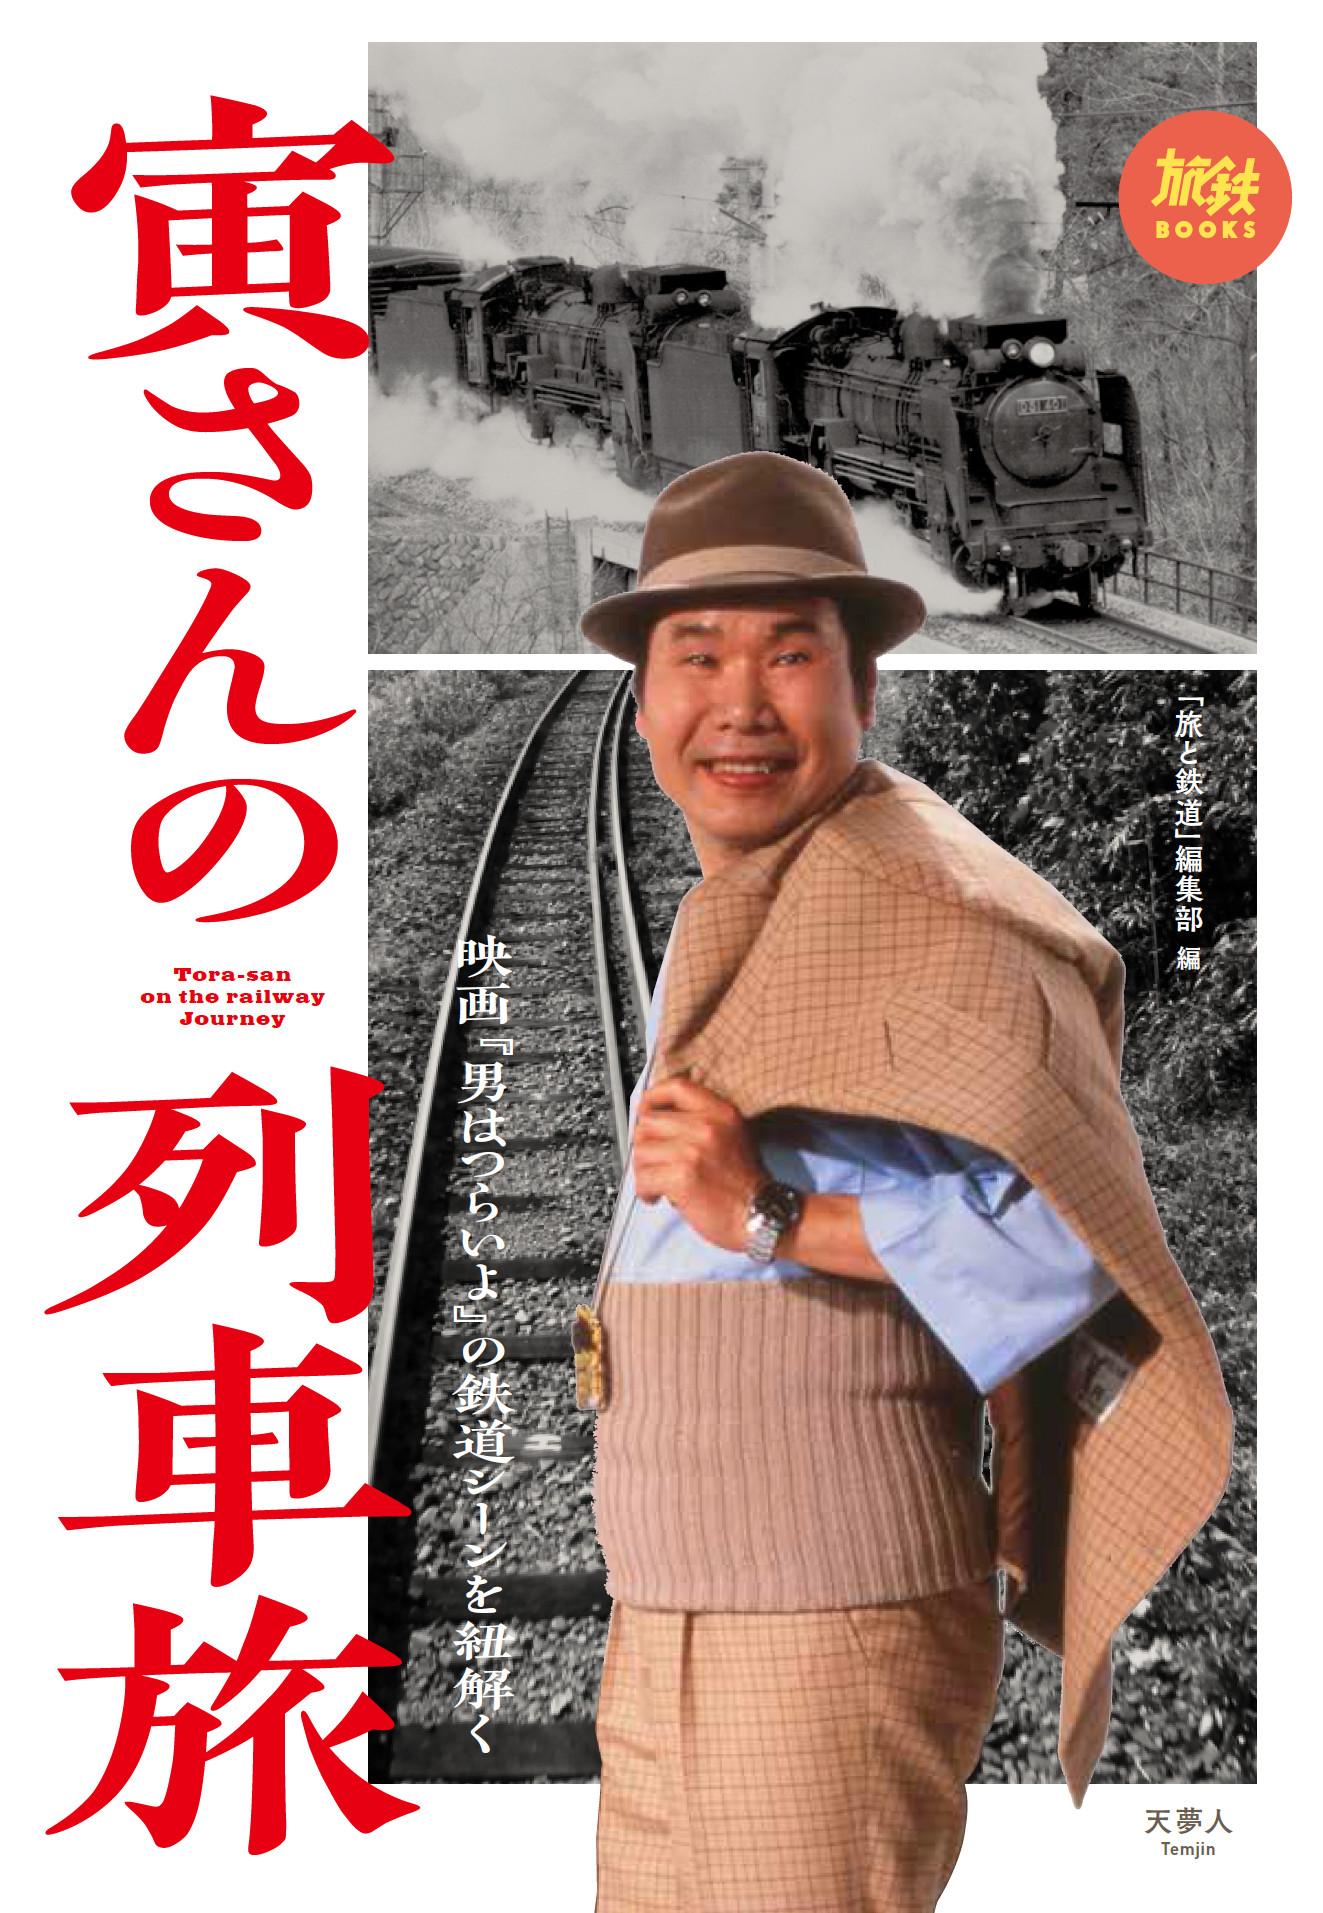 手洗いをしっかりしよう!Japaaan寅さんの列車旅 映画『男はつらいよ』の鉄道シーンを紐解くRANKING ランキング